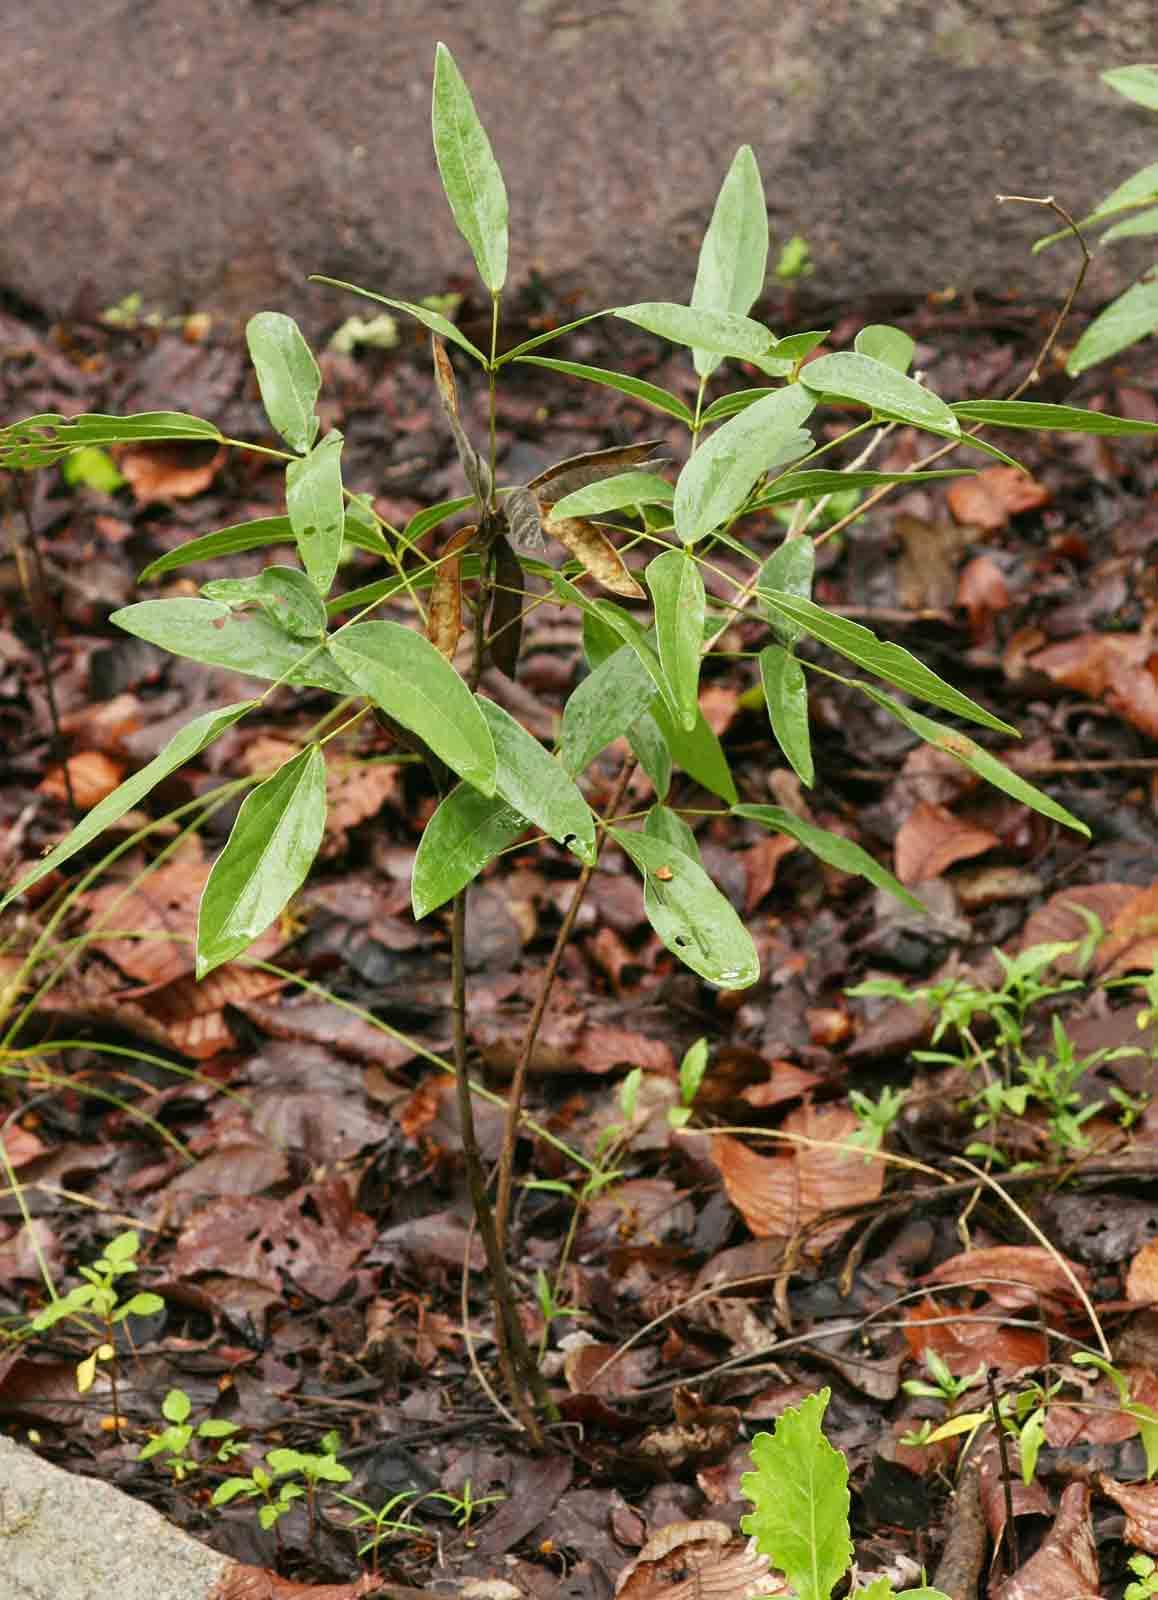 Dolichos kilimandscharicus subsp. kilimandscharicus